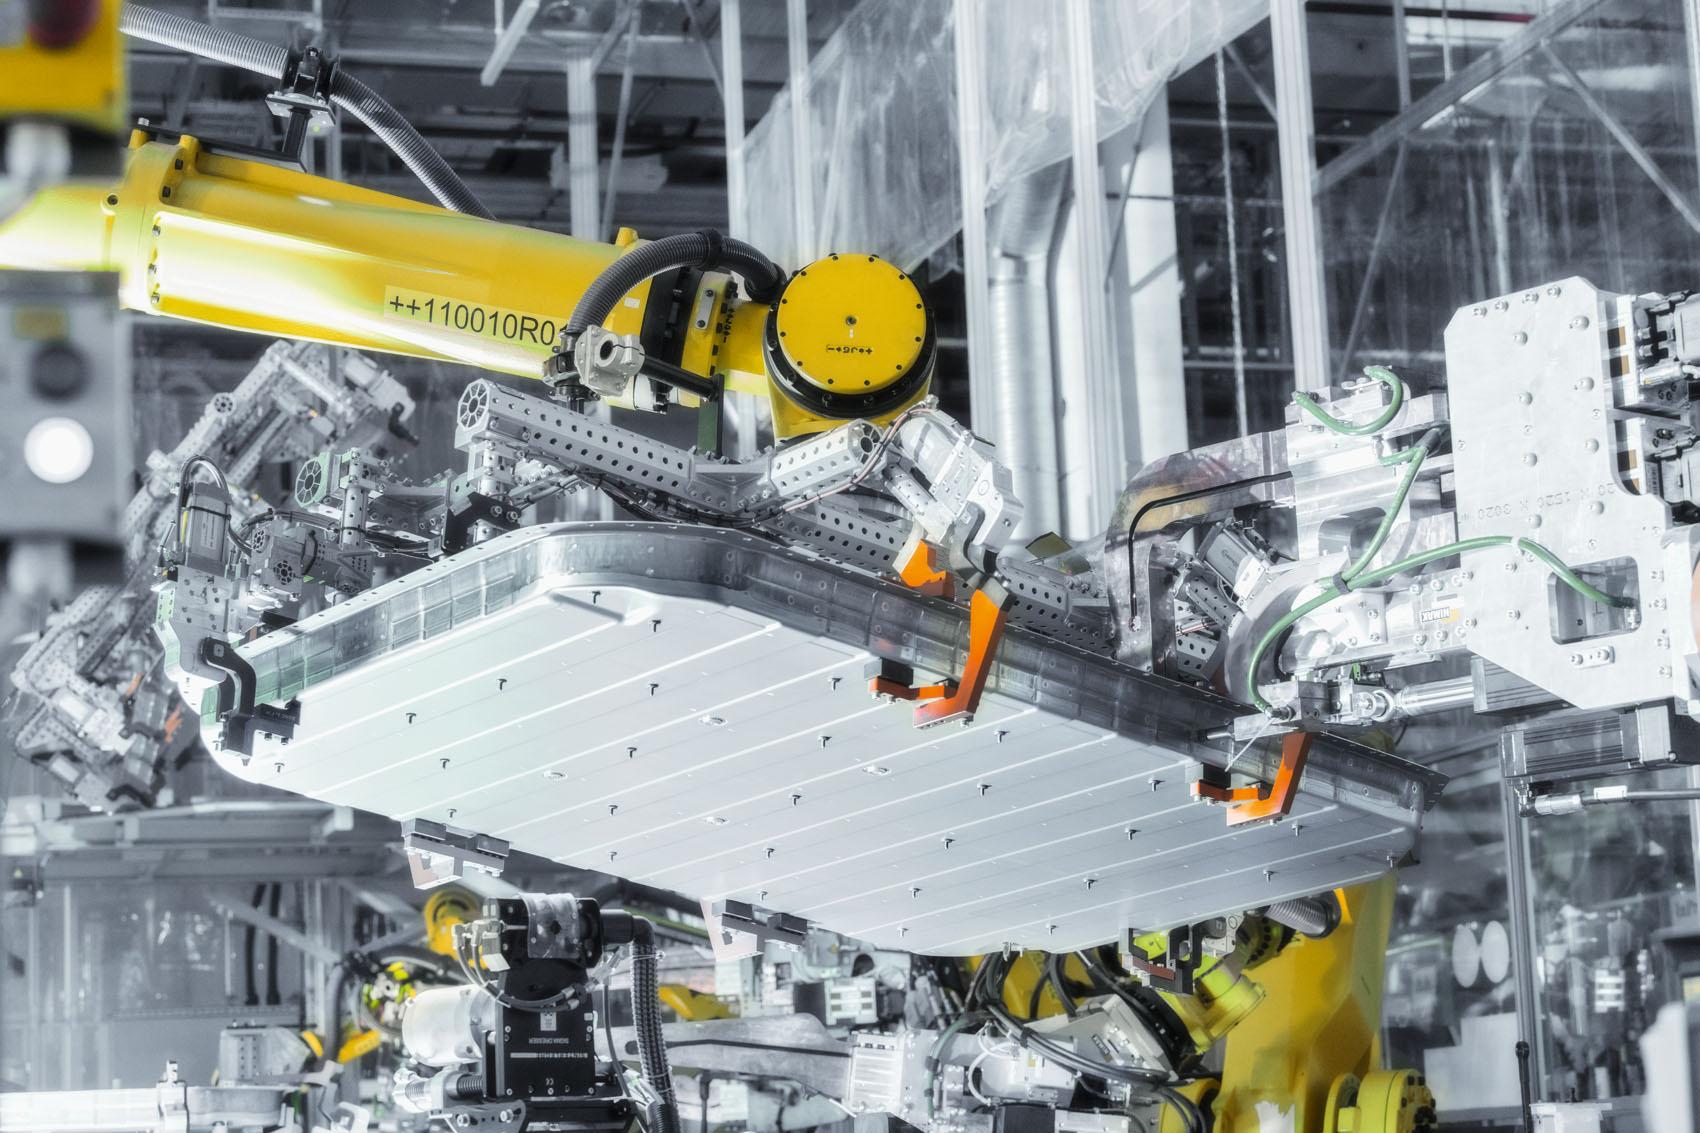 Châssis-plancher: Les 700 kg de batterie nécessitent un logement de haute sécurité. (Stefan Warter)